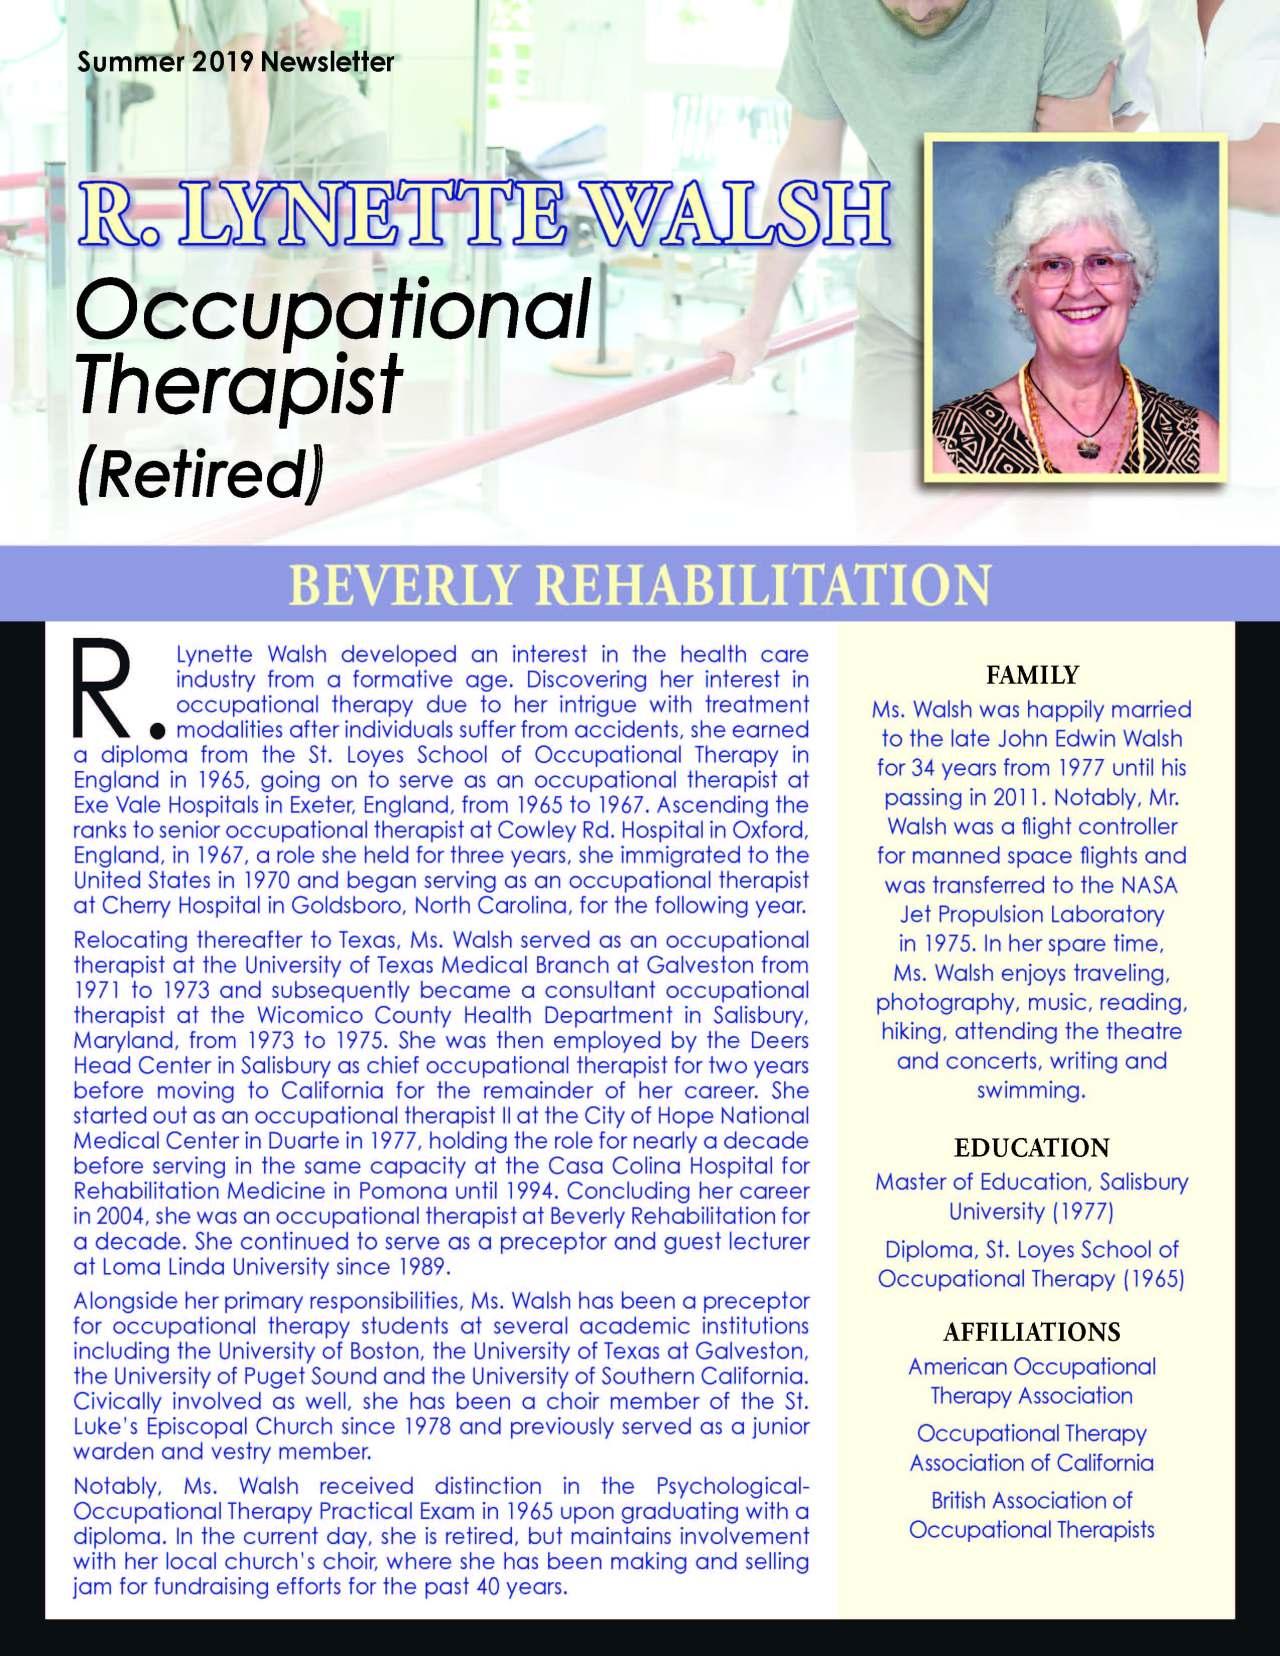 Walsh, R. Lynette 4287114_28545491 Newsletter REVISED.jpg